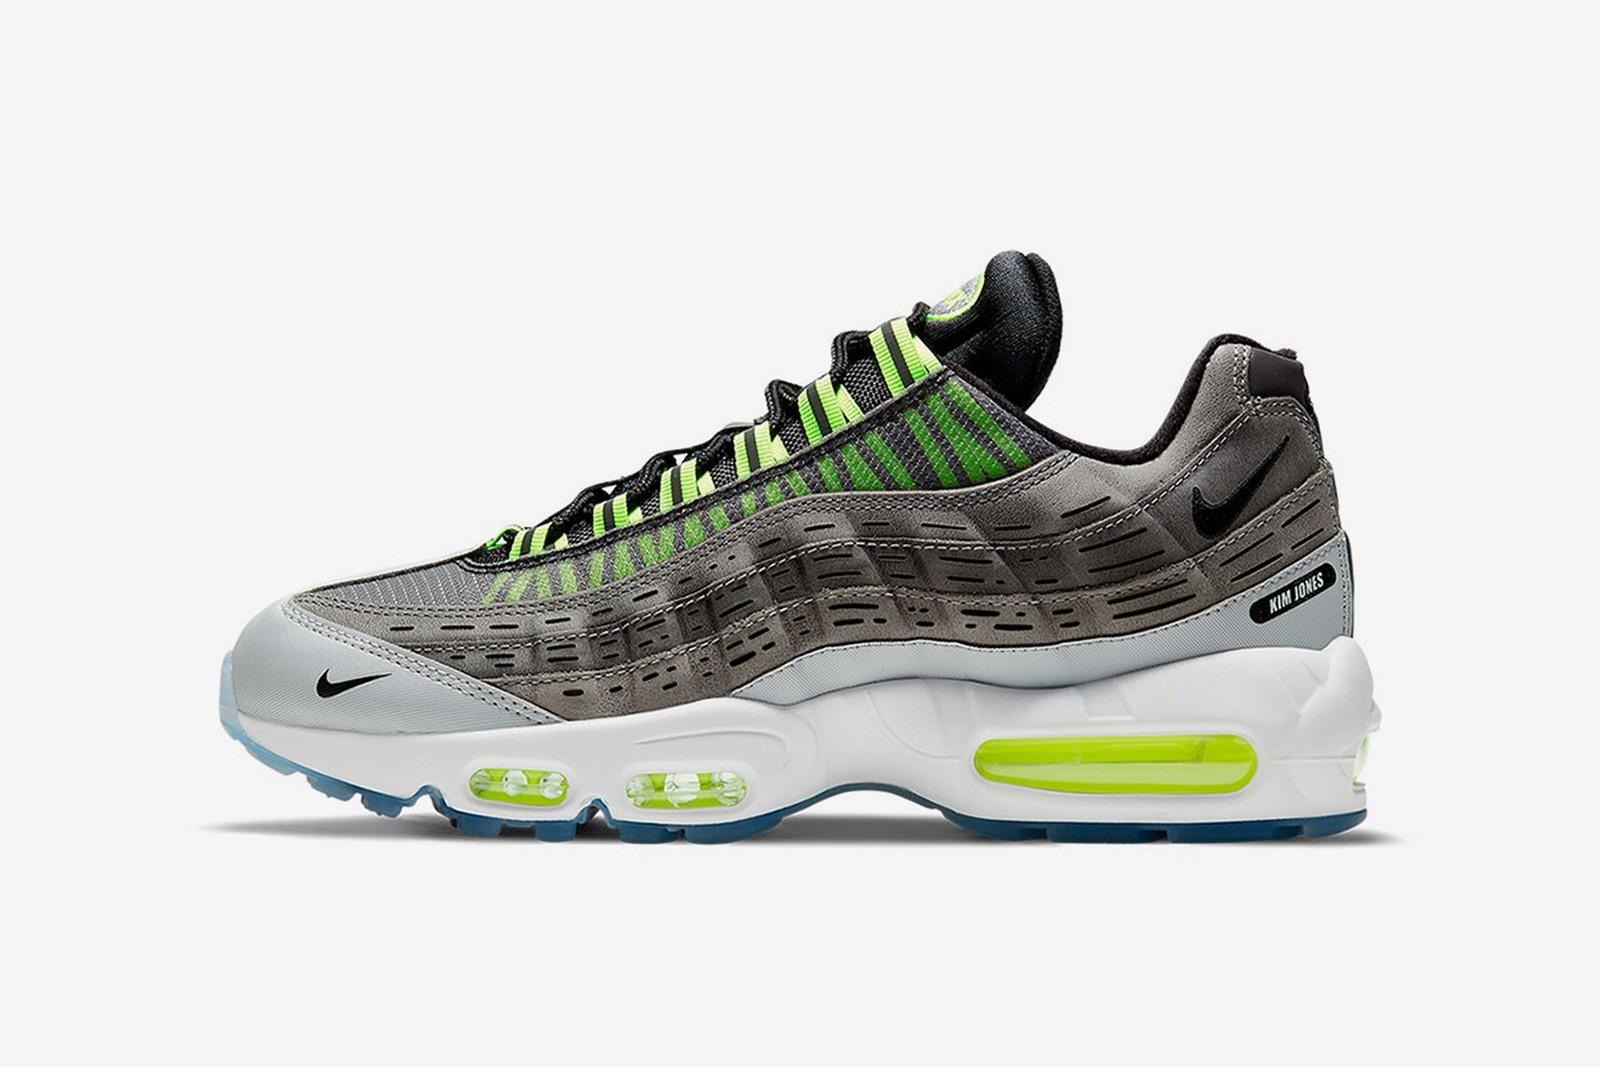 Nike Air Max 95 Volt by Kim Jones